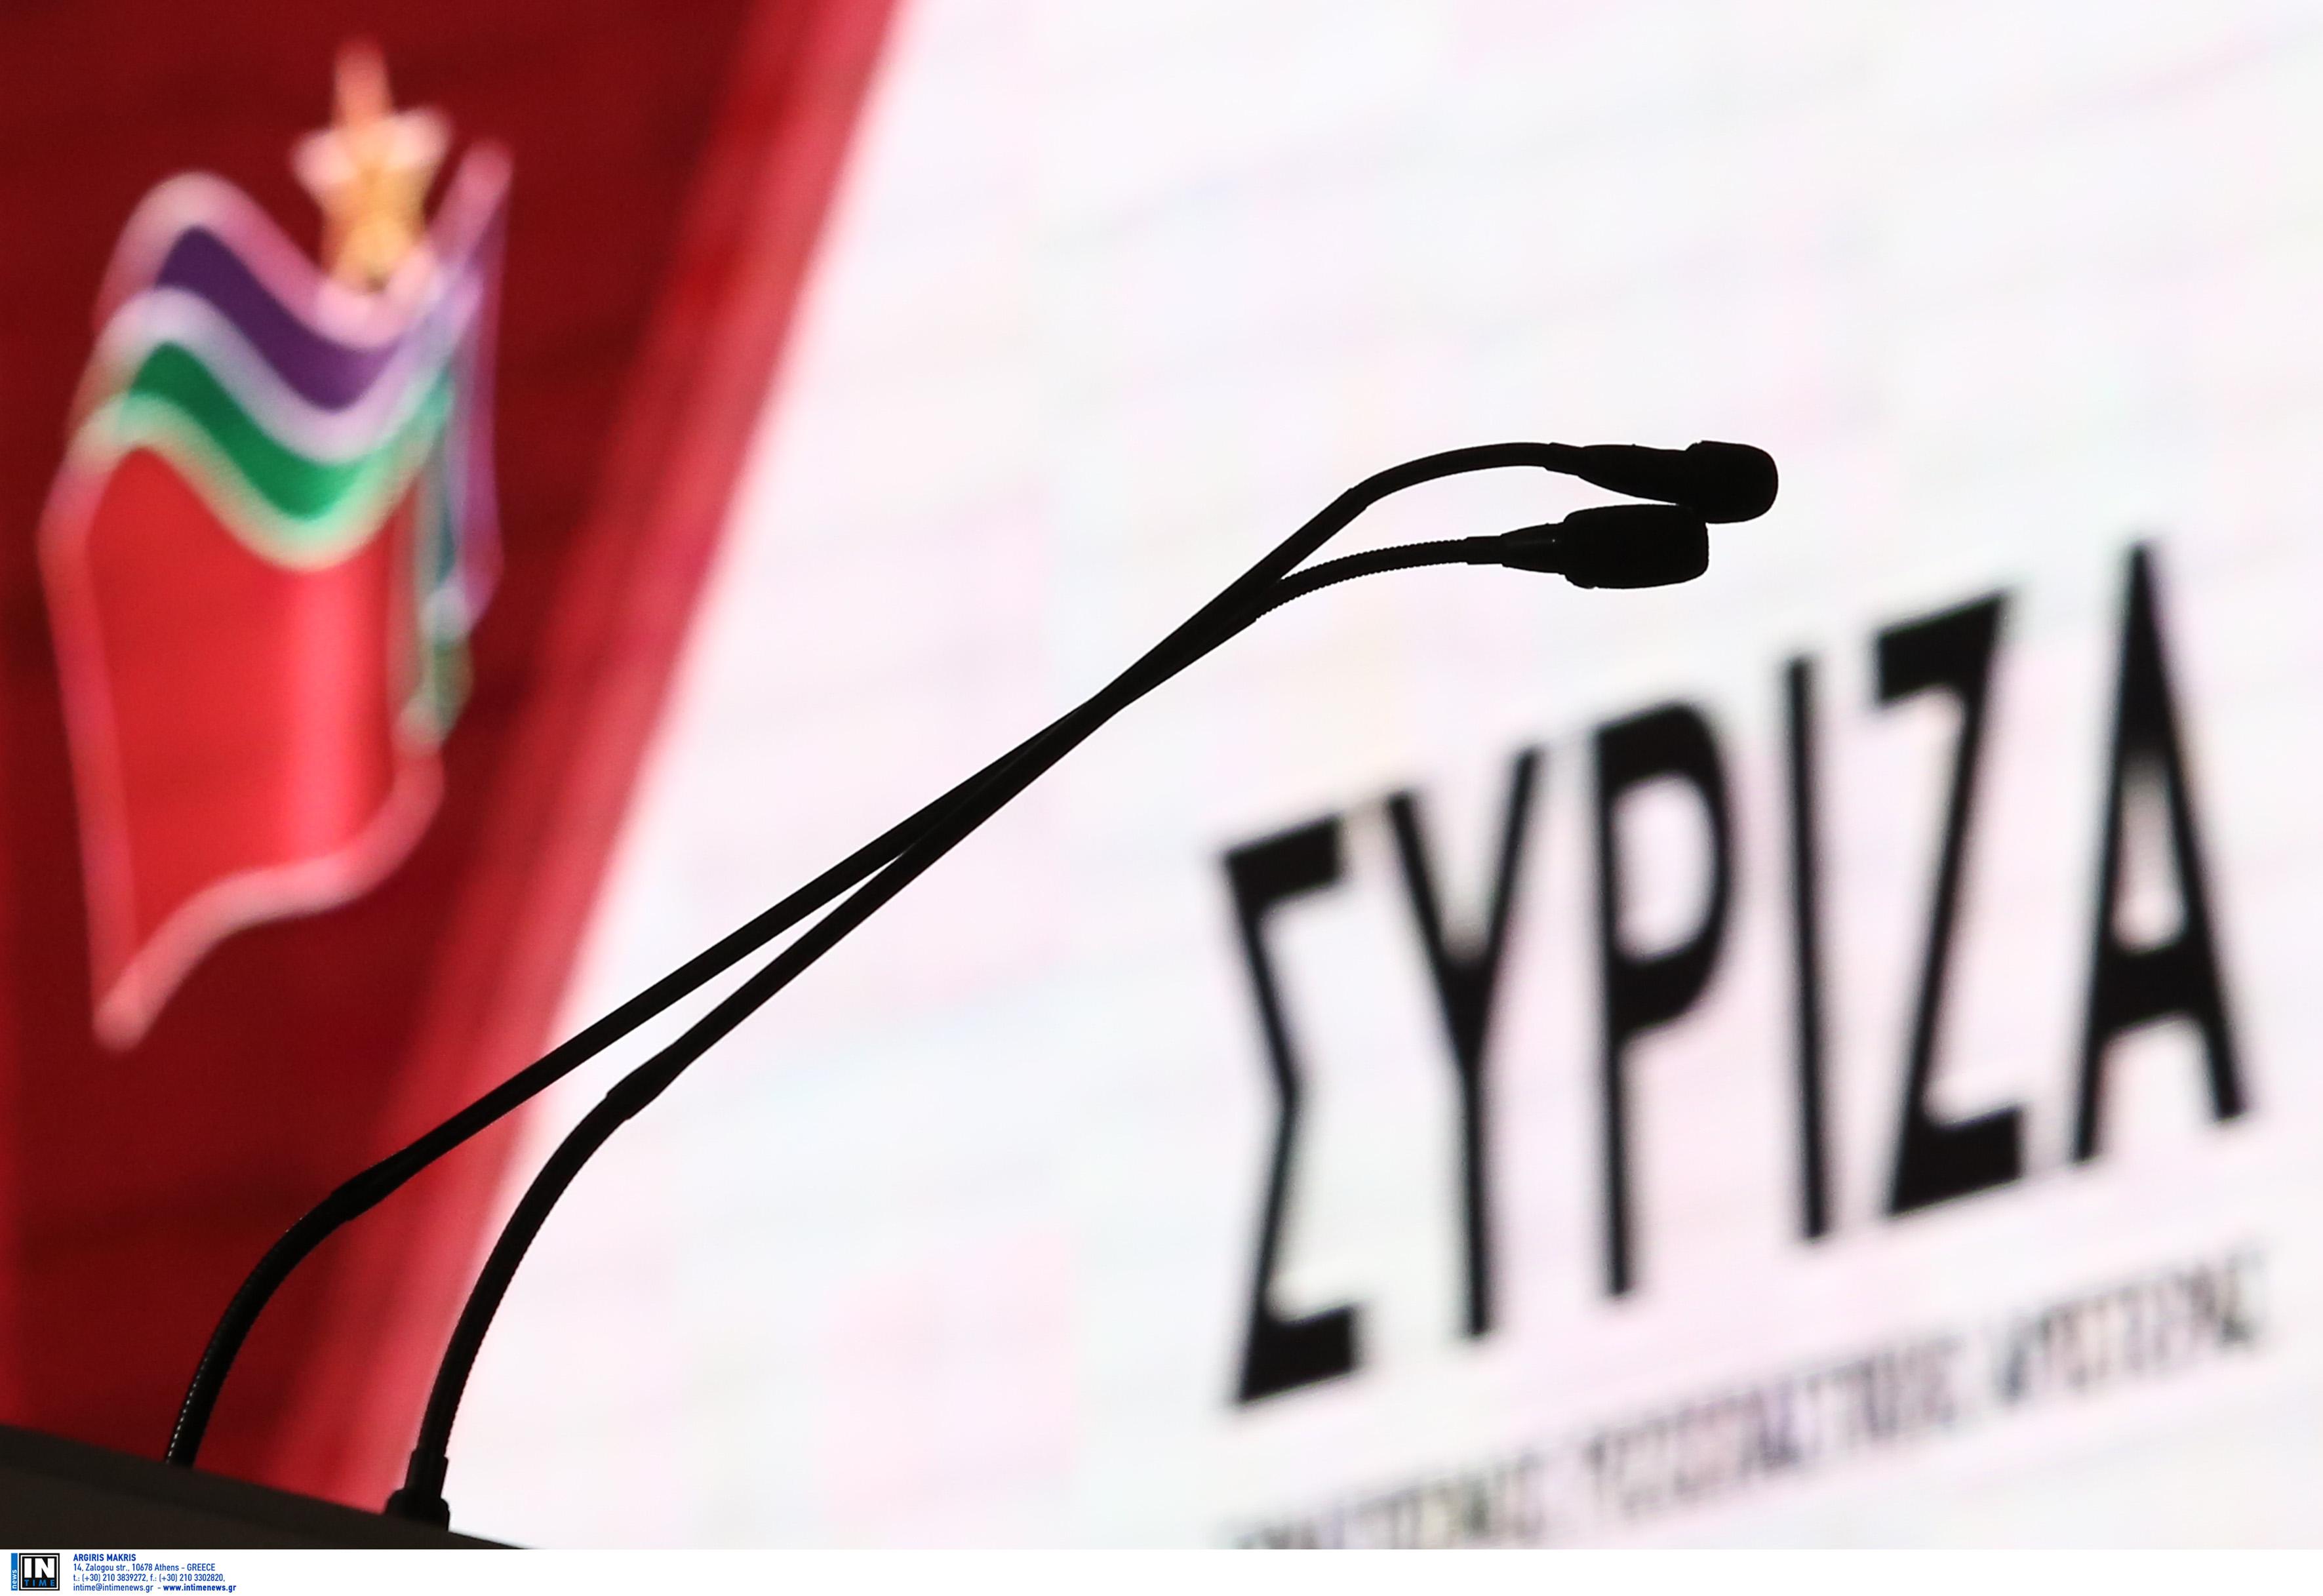 """ΣΥΡΙΖΑ: """"Ψίχουλα οι φοροελαφρύνσεις, τις ακυρώνει η κυβέρνηση με ταξική πολιτική"""""""